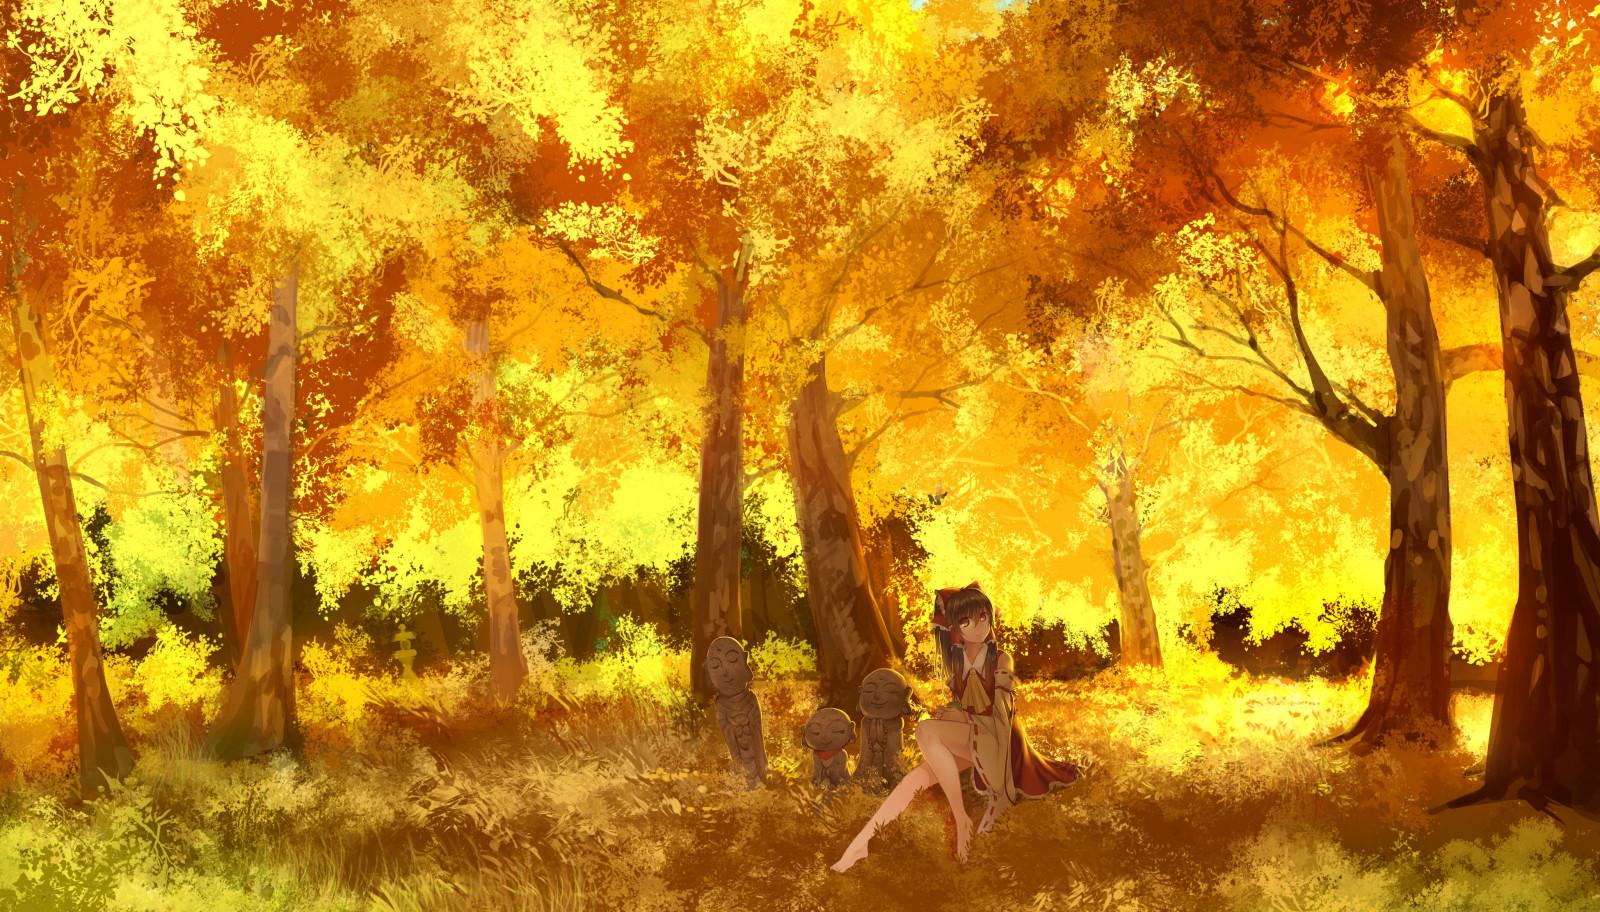 flirting games anime girl 2 movie